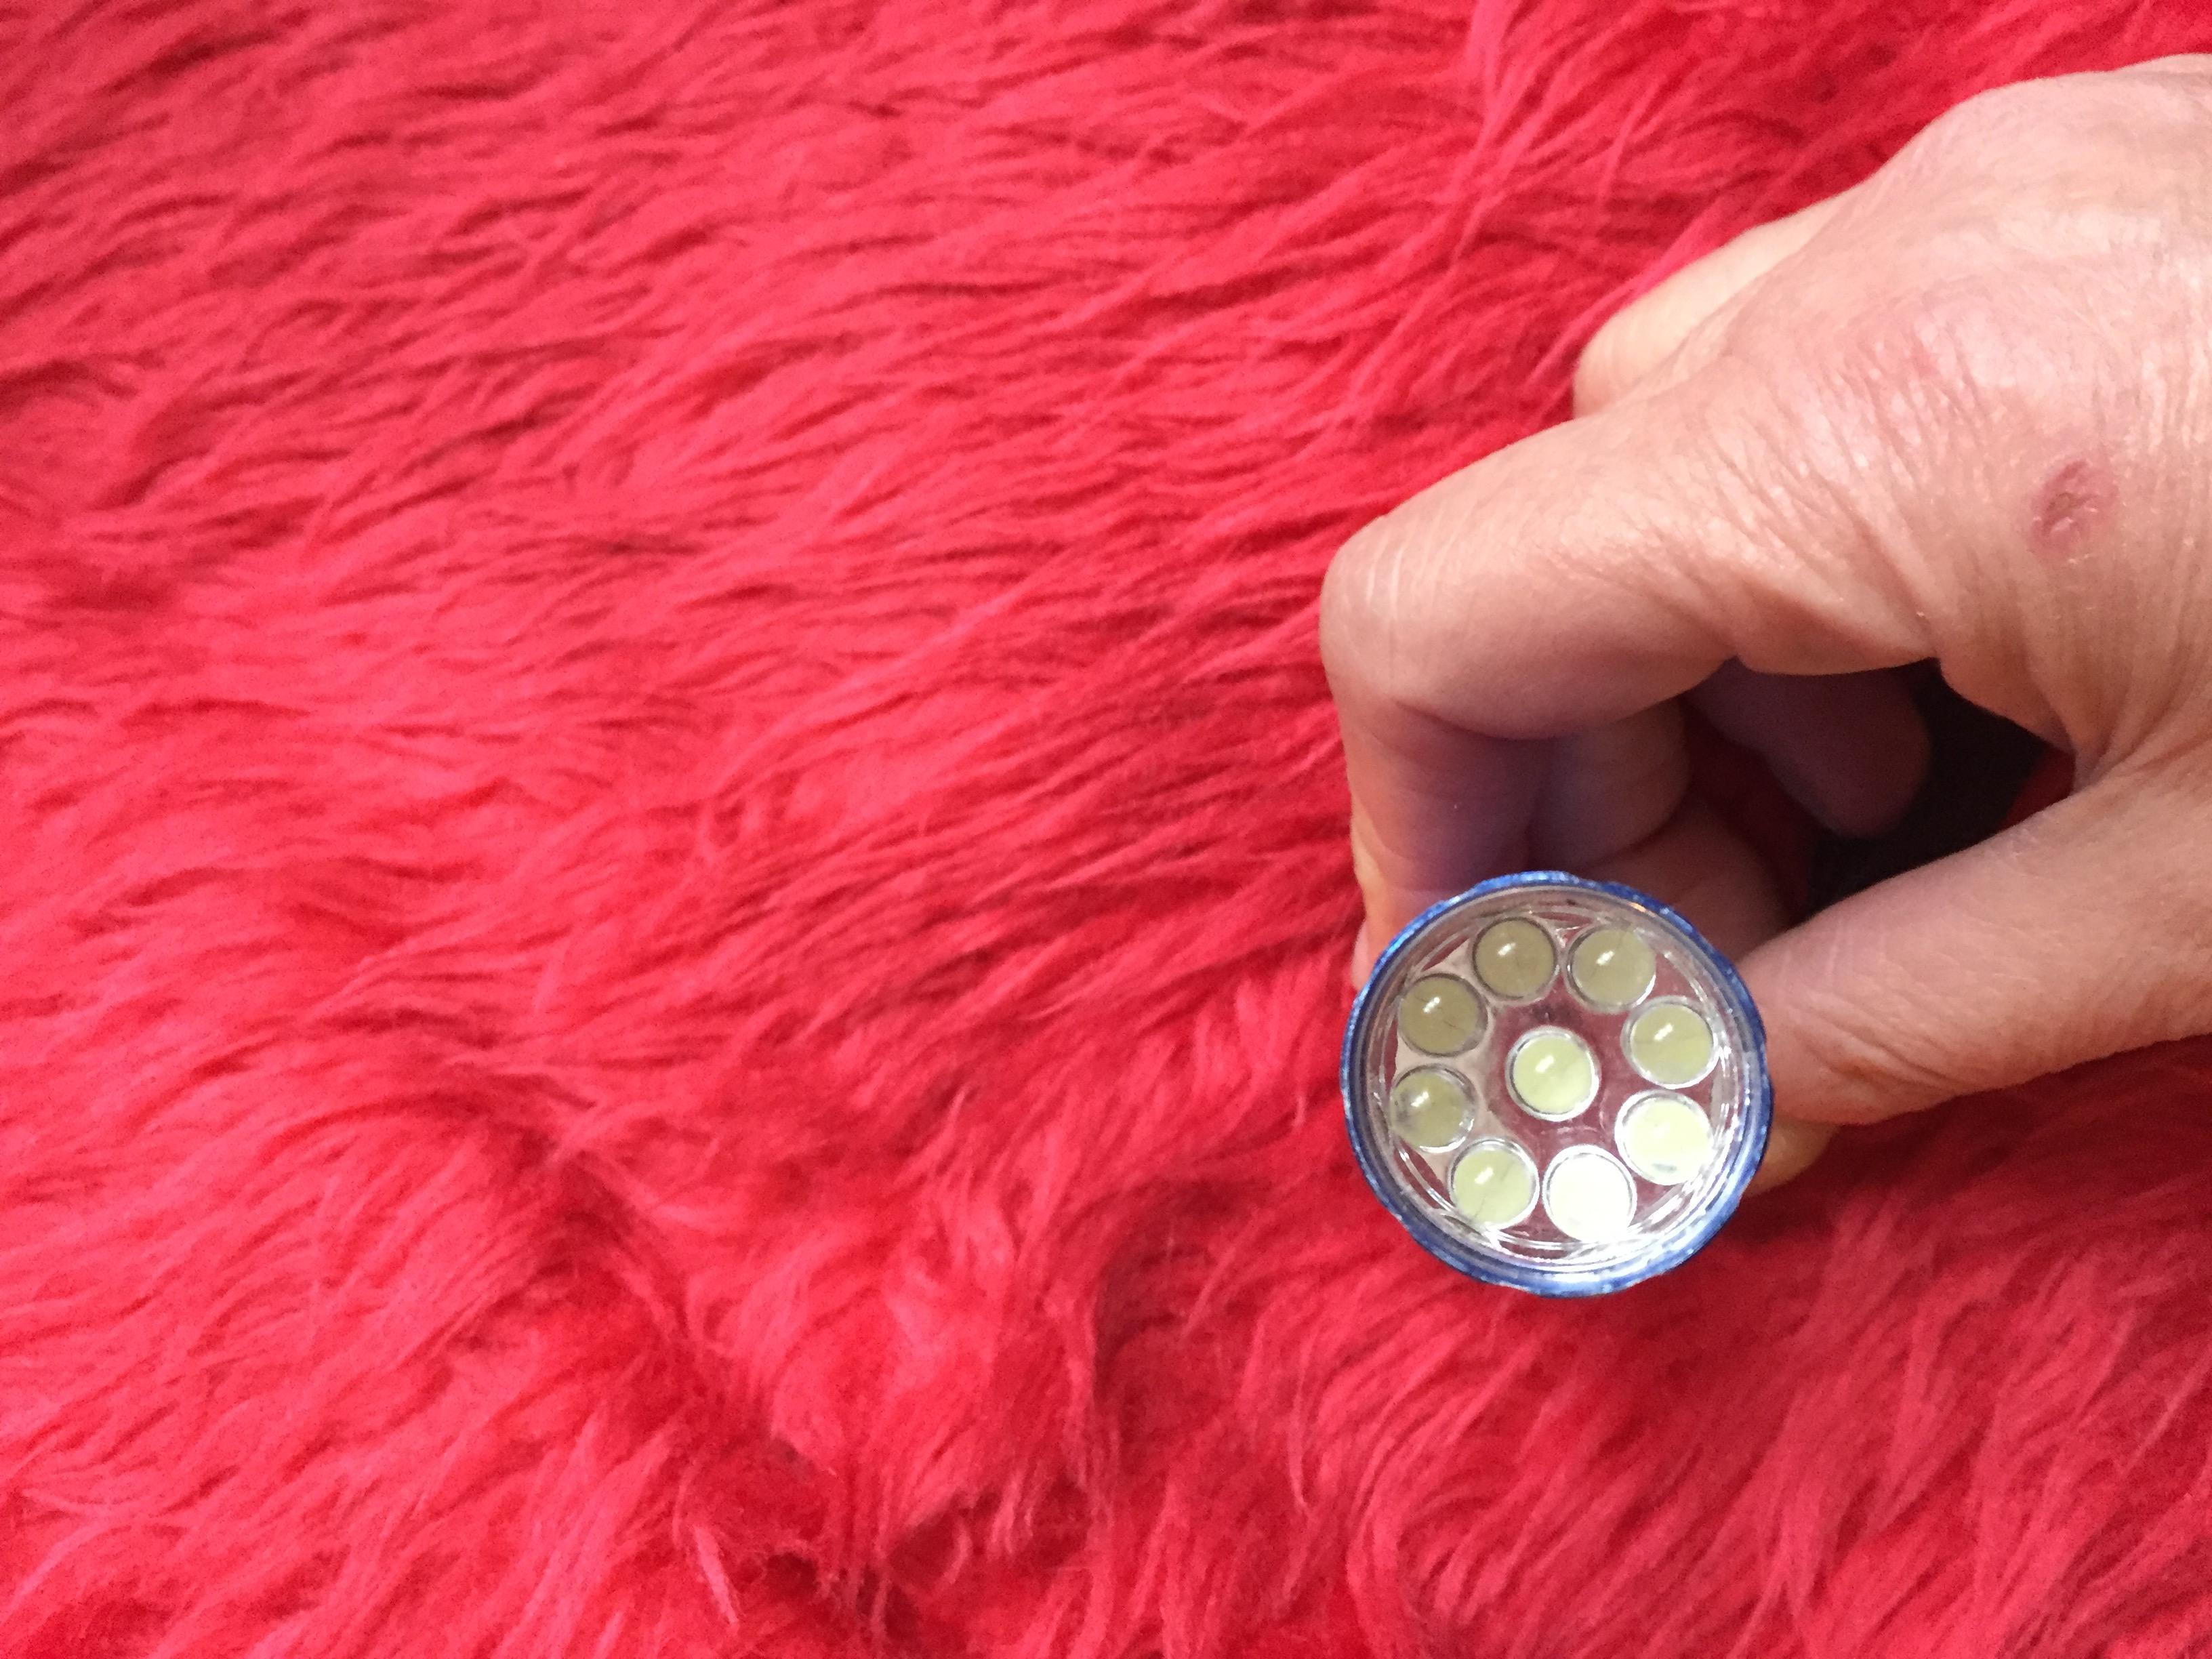 troc de troc lampe de poche à led image 1